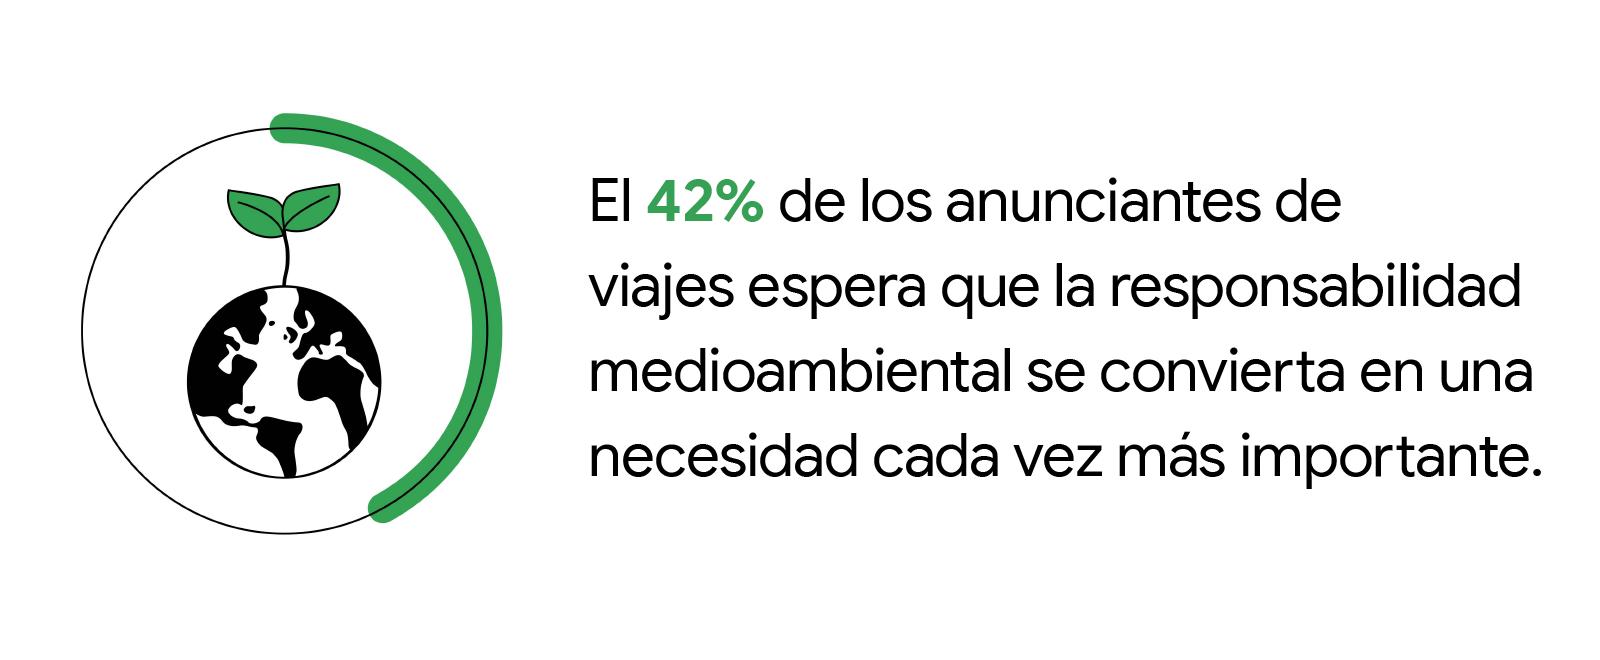 """Tarjeta de estadísticas en blanco y negro con el texto """"El 42 % de los anunciantes de viajes espera que la responsabilidad medioambiental se convierta en una necesidad cada vez más importante"""". A la izquierda de la estadística aparece el dibujo de un glob"""